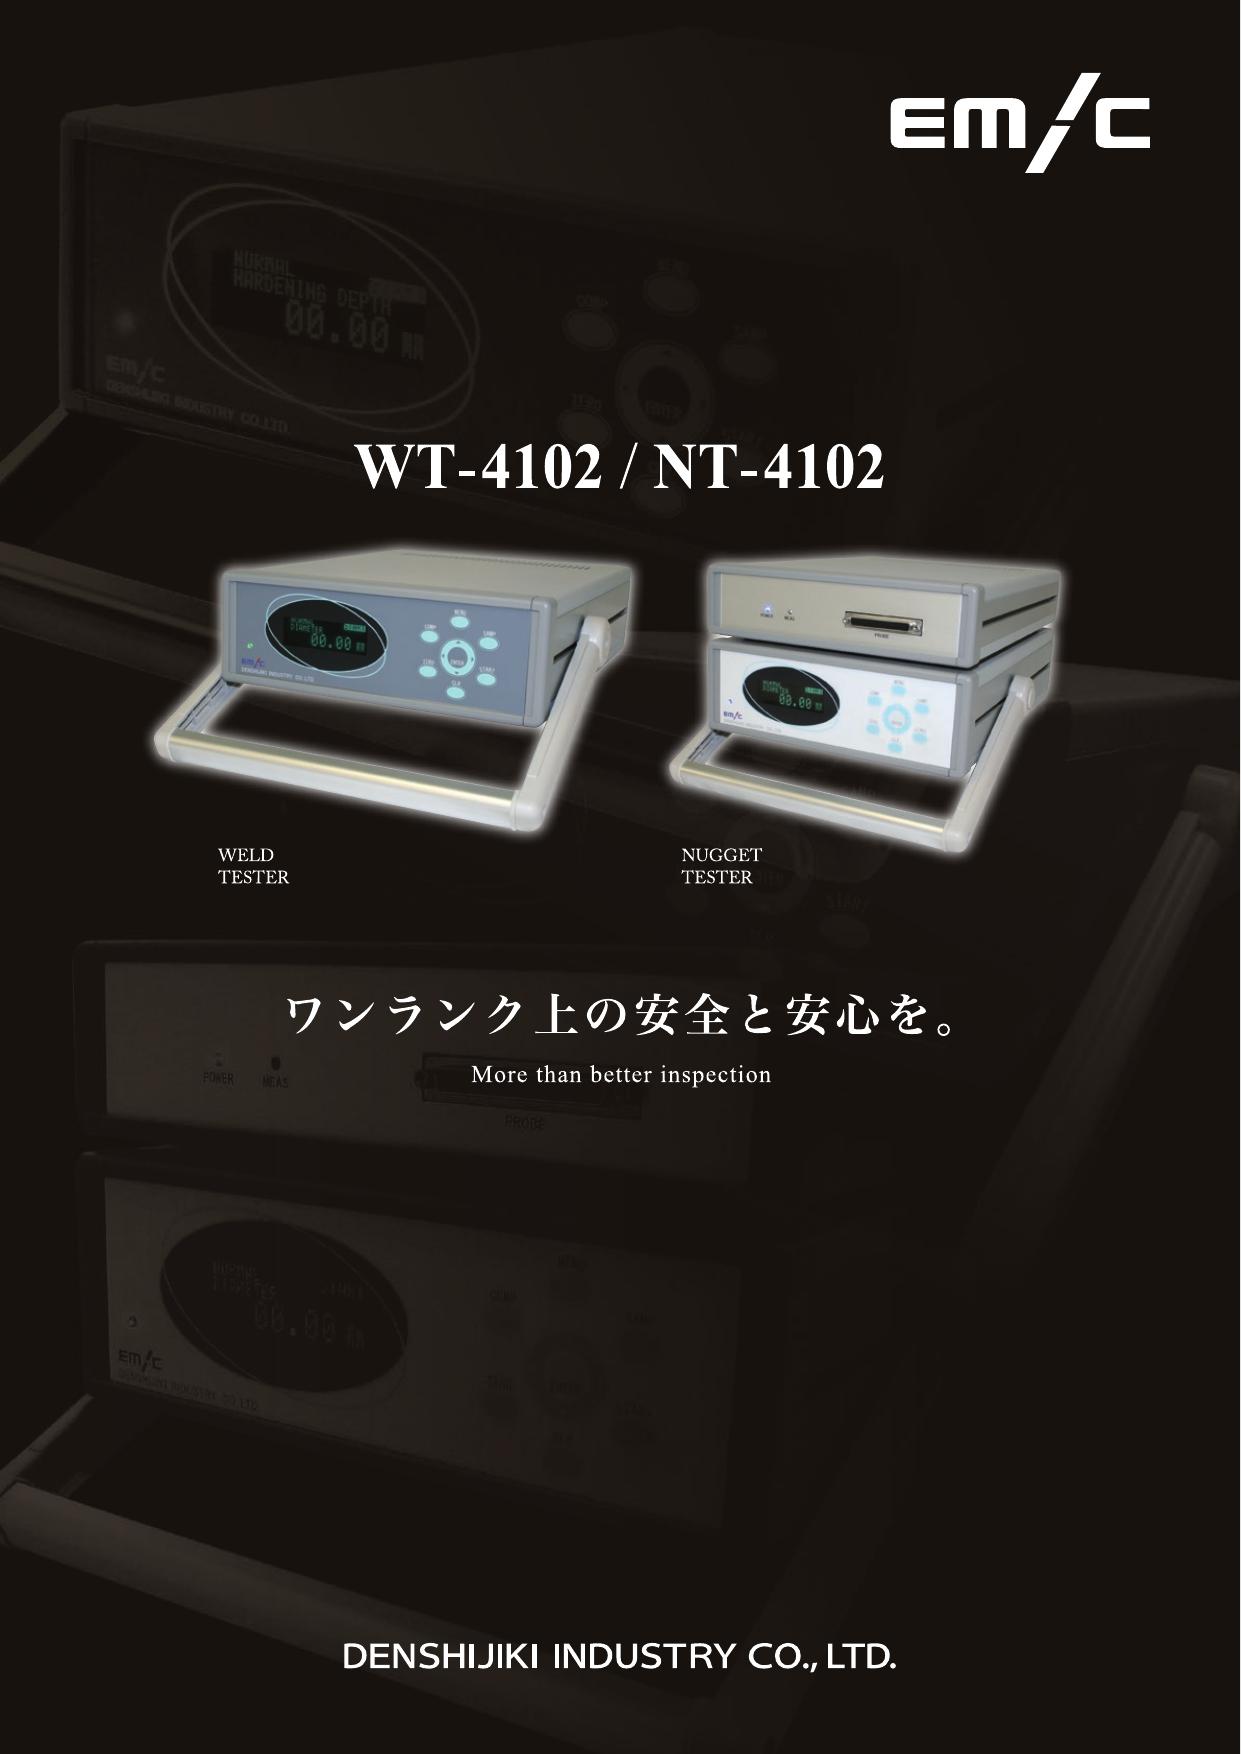 焼入れ判定器 WT-4102